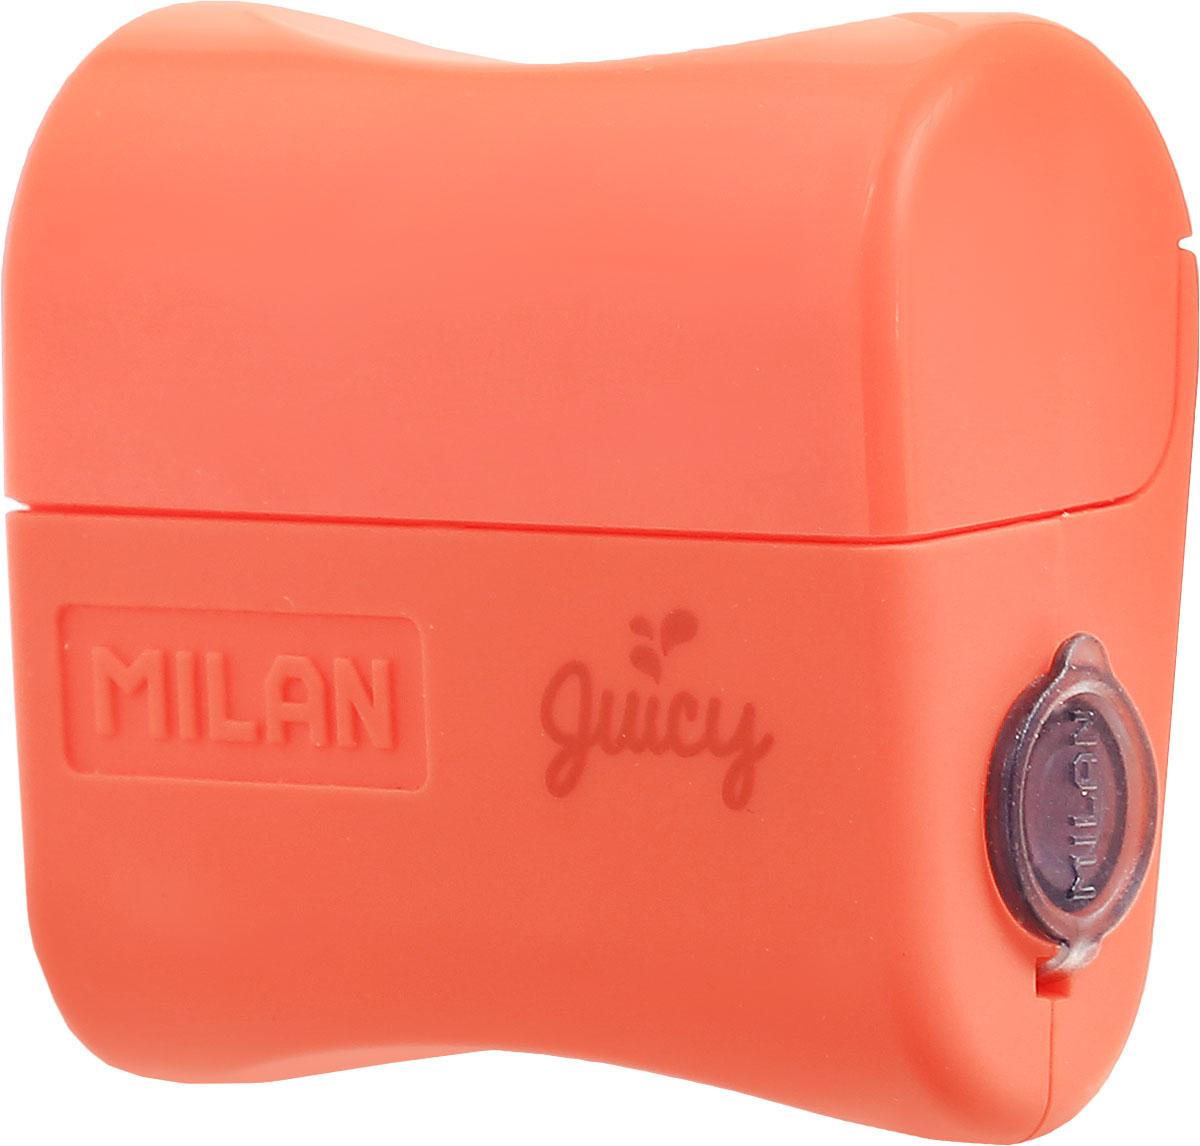 Milan Точилка Juicy с контейнером цвет оранжевый20164132_оранжевыйДизайнерская точилка Milan  Juicy с контейнером оснащена безопасной системой заточки. Эта система предотвращает отделение лезвия от точилки. Идеально подходит для использования в школах. Стальное лезвие острое и устойчиво к повреждению. Идеально подходит для заточки графитовых и цветных карандашей.